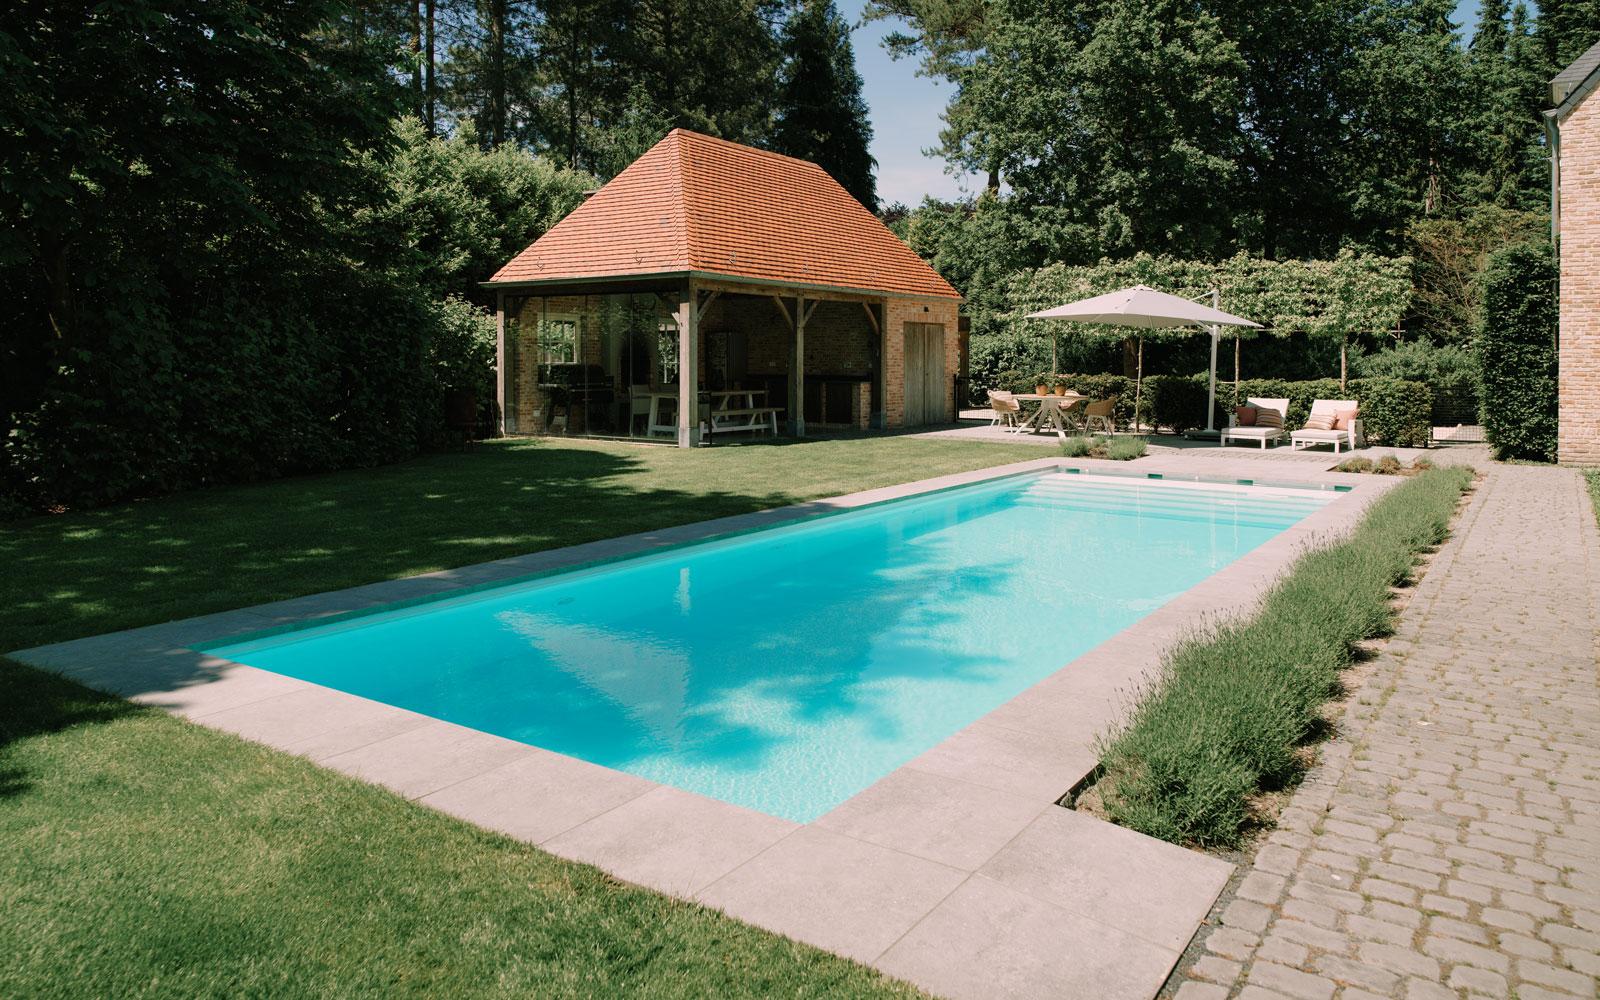 buitenzwembad, starline, eigen zwembad, the art of livingbad - Art Starline - modern - zwembad in tuin - eigen zwembad